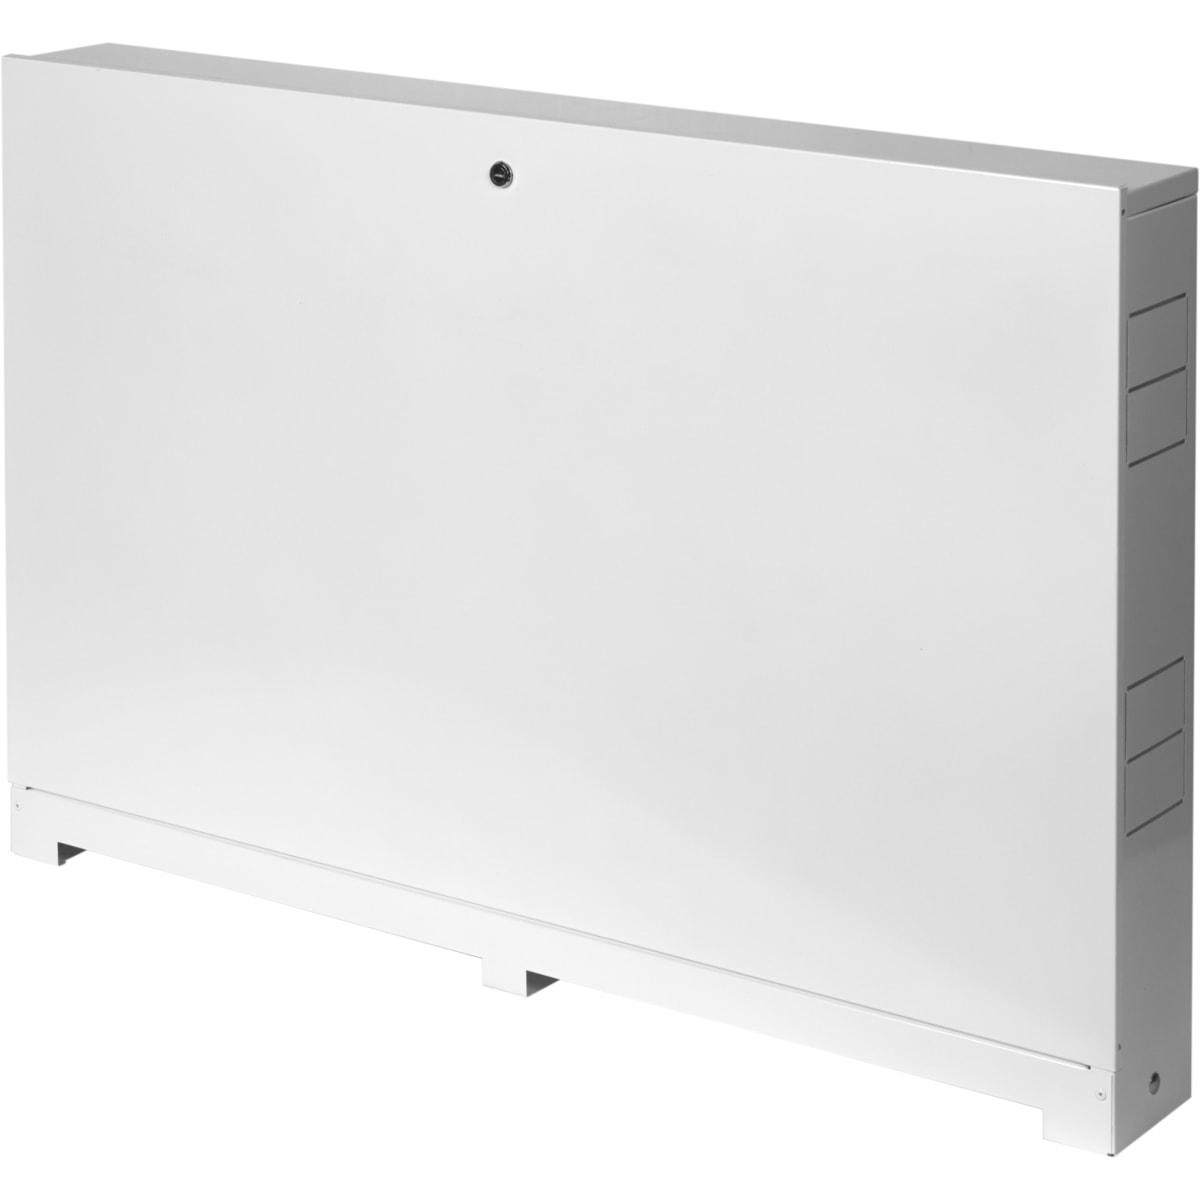 Шкаф коллекторный ШРН-5 наружный 998х118х652-715 мм